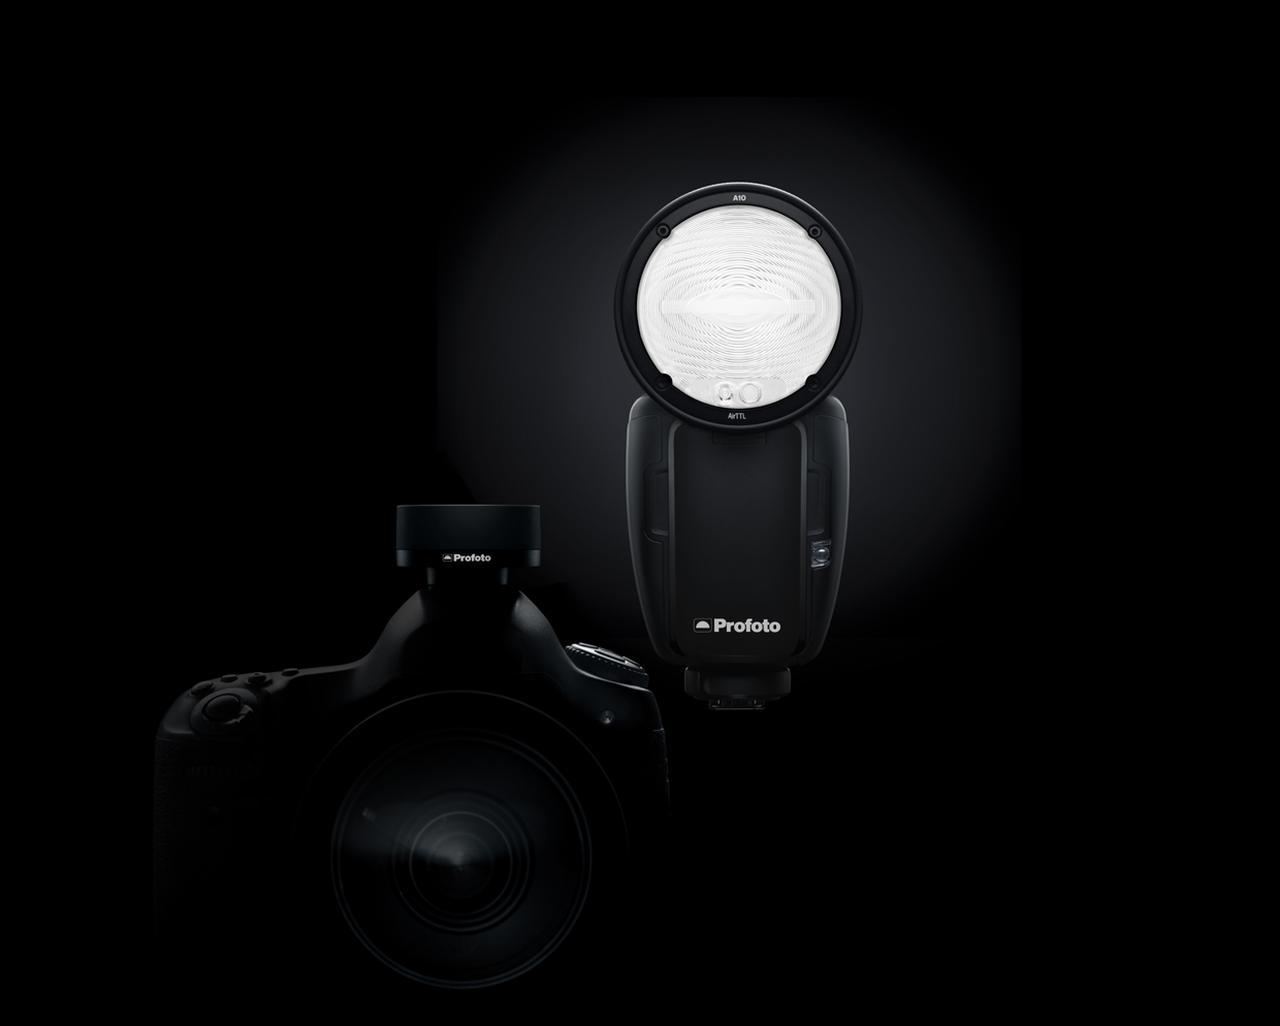 画像4: Profoto は多機能小型ストロボ「Profoto A10」 を発売。 価格は税別11万9800円。